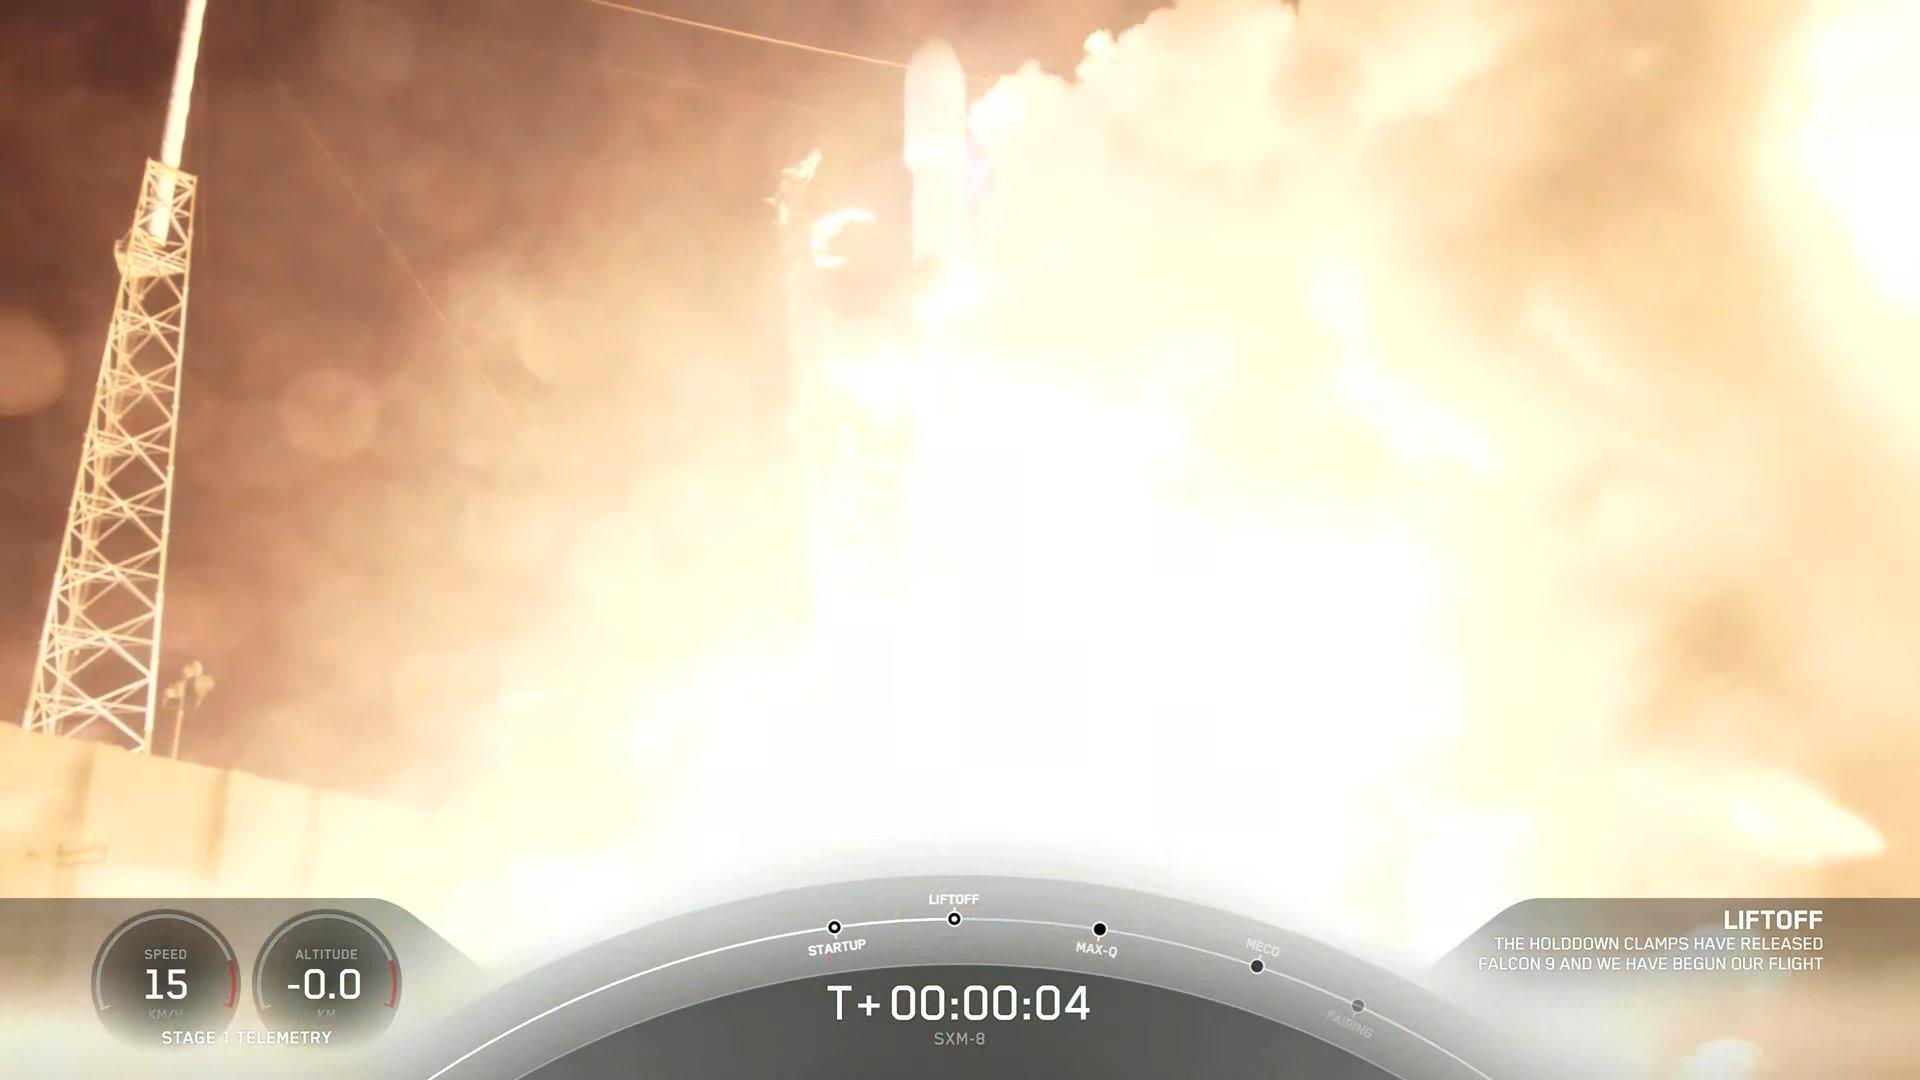 <p>SpaceX rocket Starts Sirius XM digital radio satellite, Claws Night landing at sea thumbnail